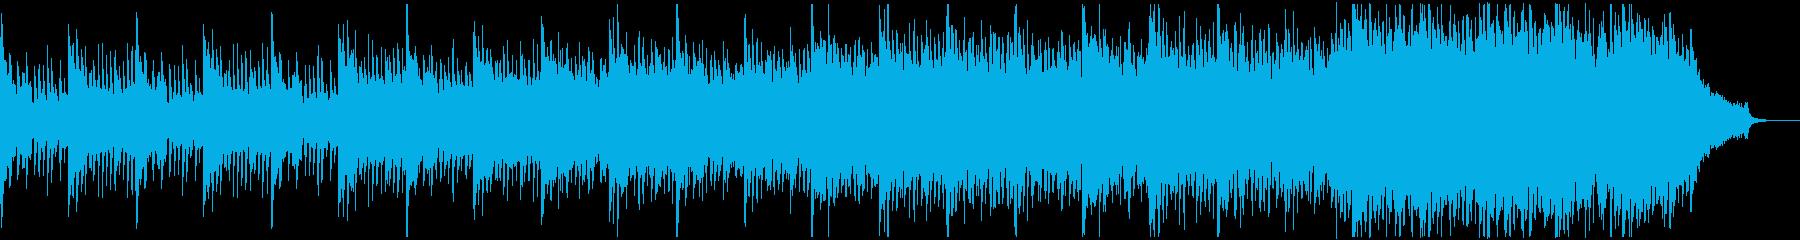 厳かな雰囲気のBGMの再生済みの波形